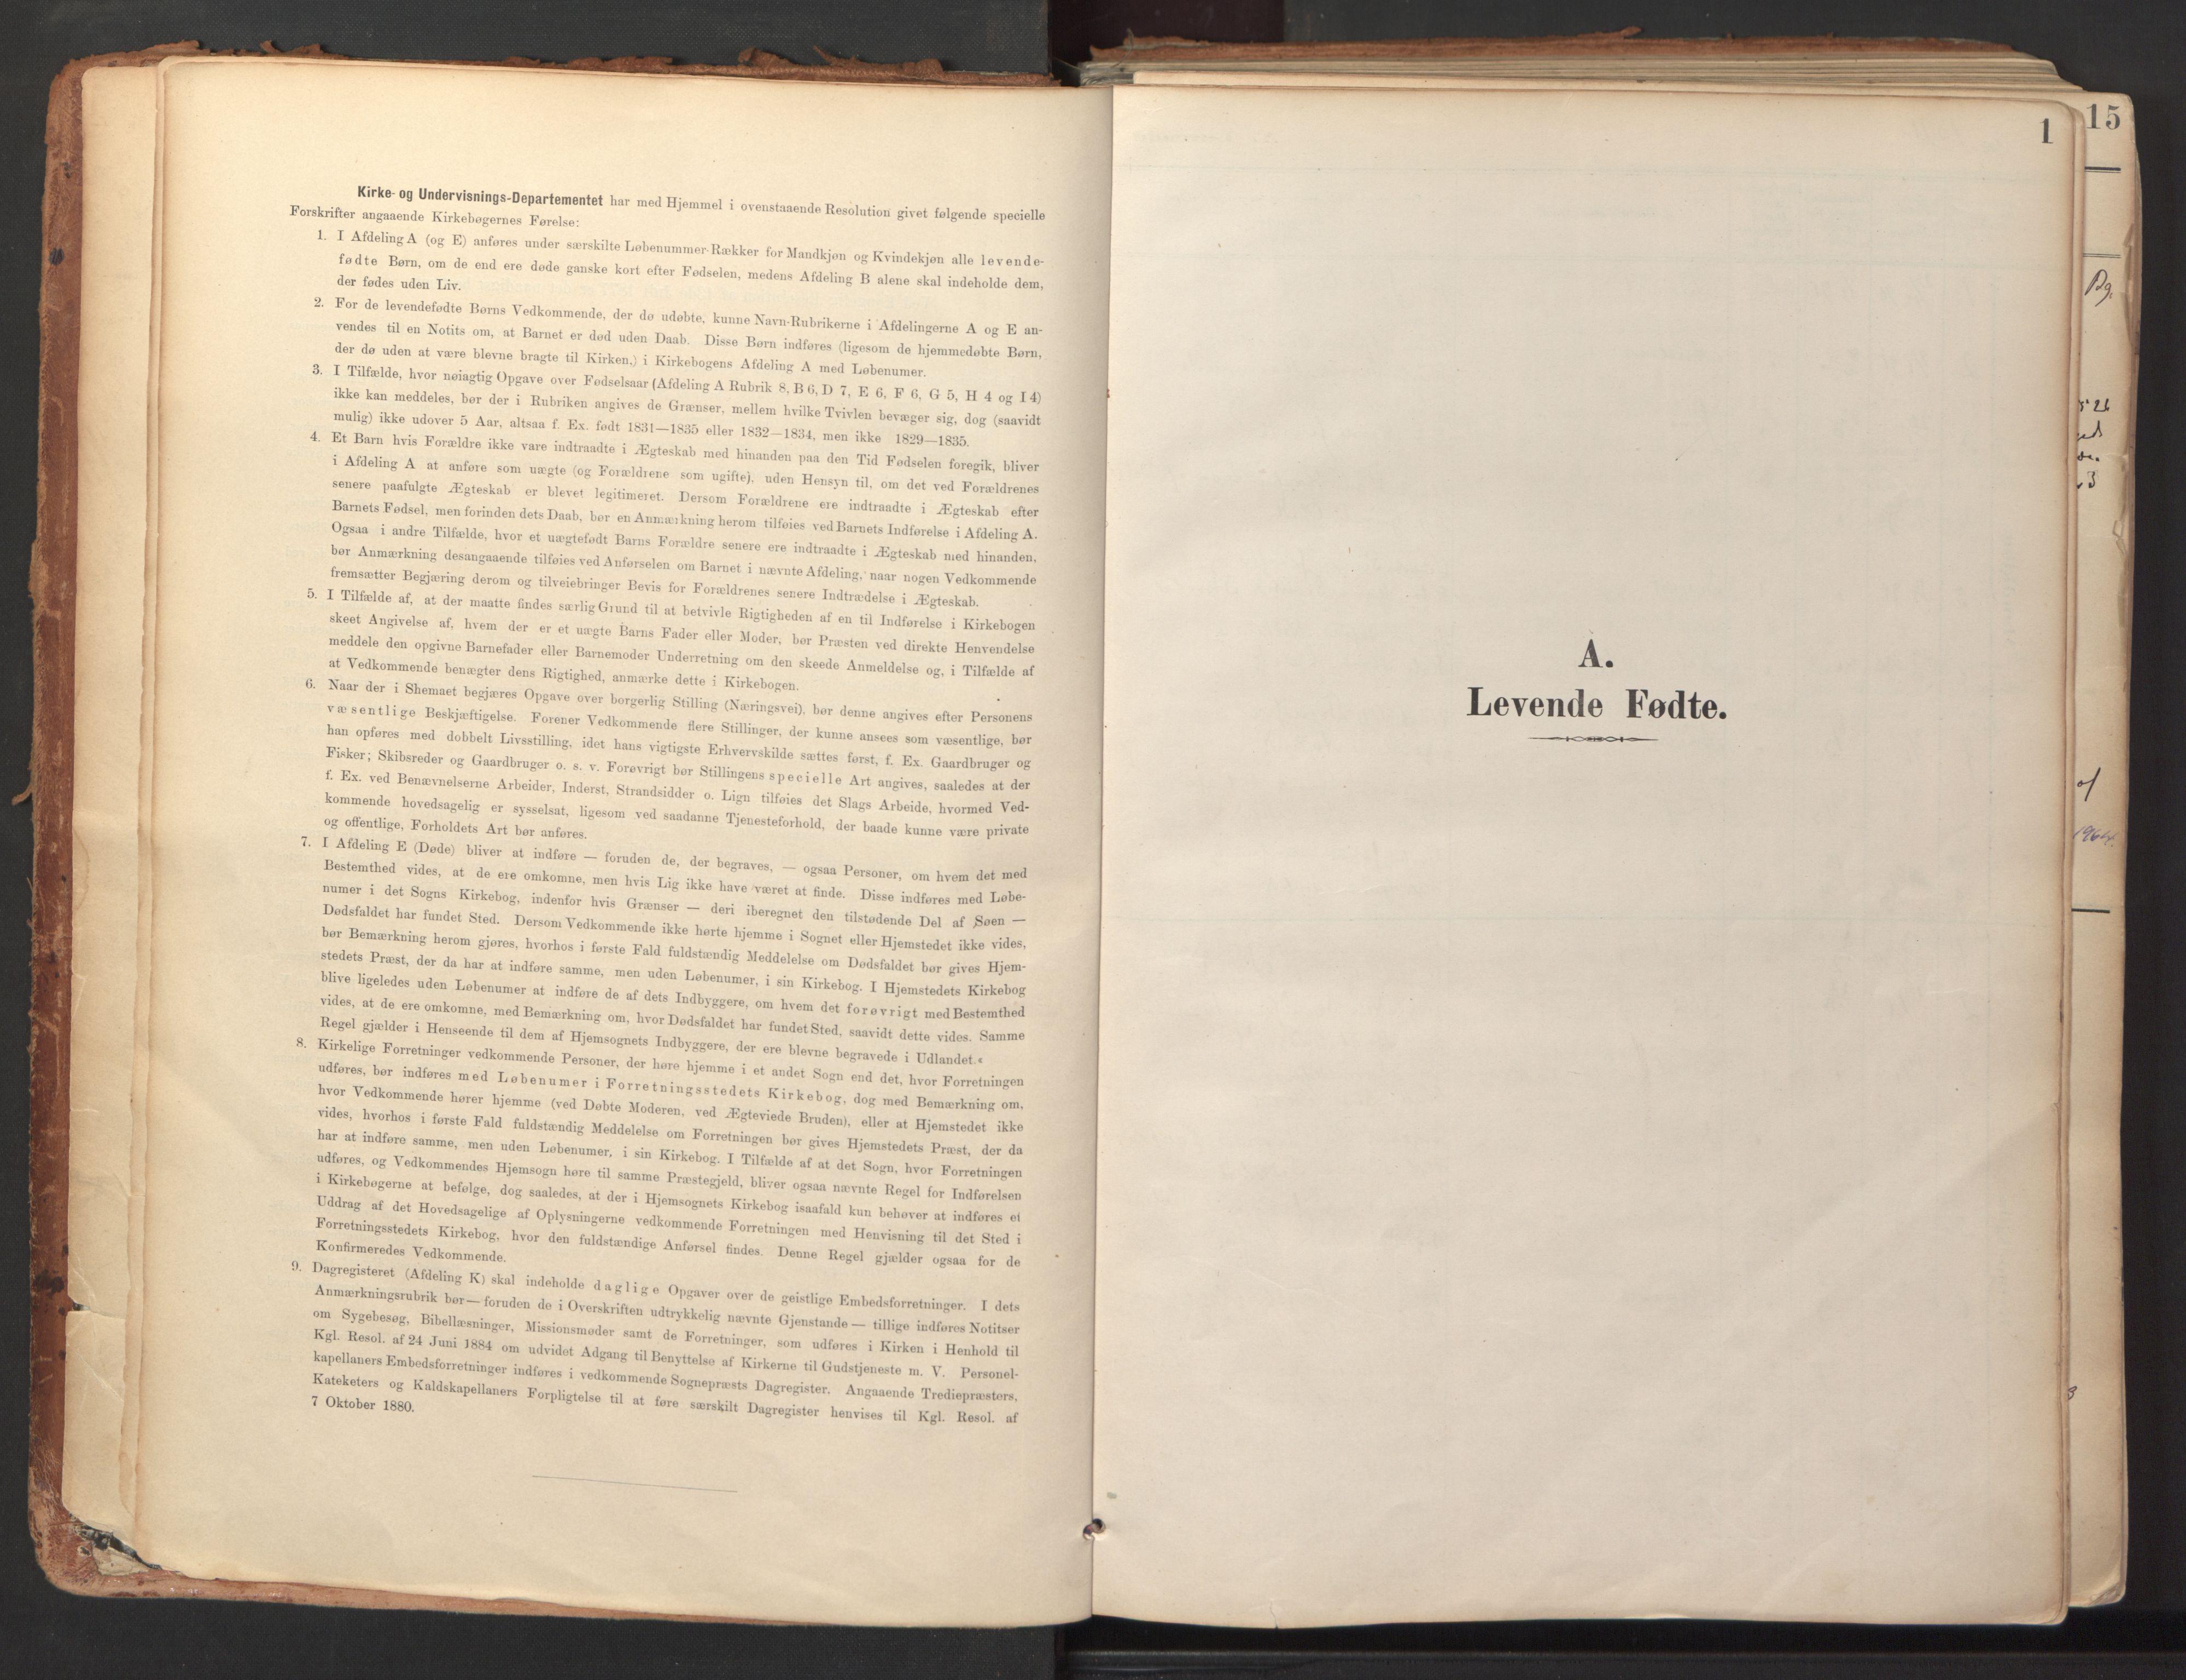 SAT, Ministerialprotokoller, klokkerbøker og fødselsregistre - Sør-Trøndelag, 689/L1041: Ministerialbok nr. 689A06, 1891-1923, s. 1